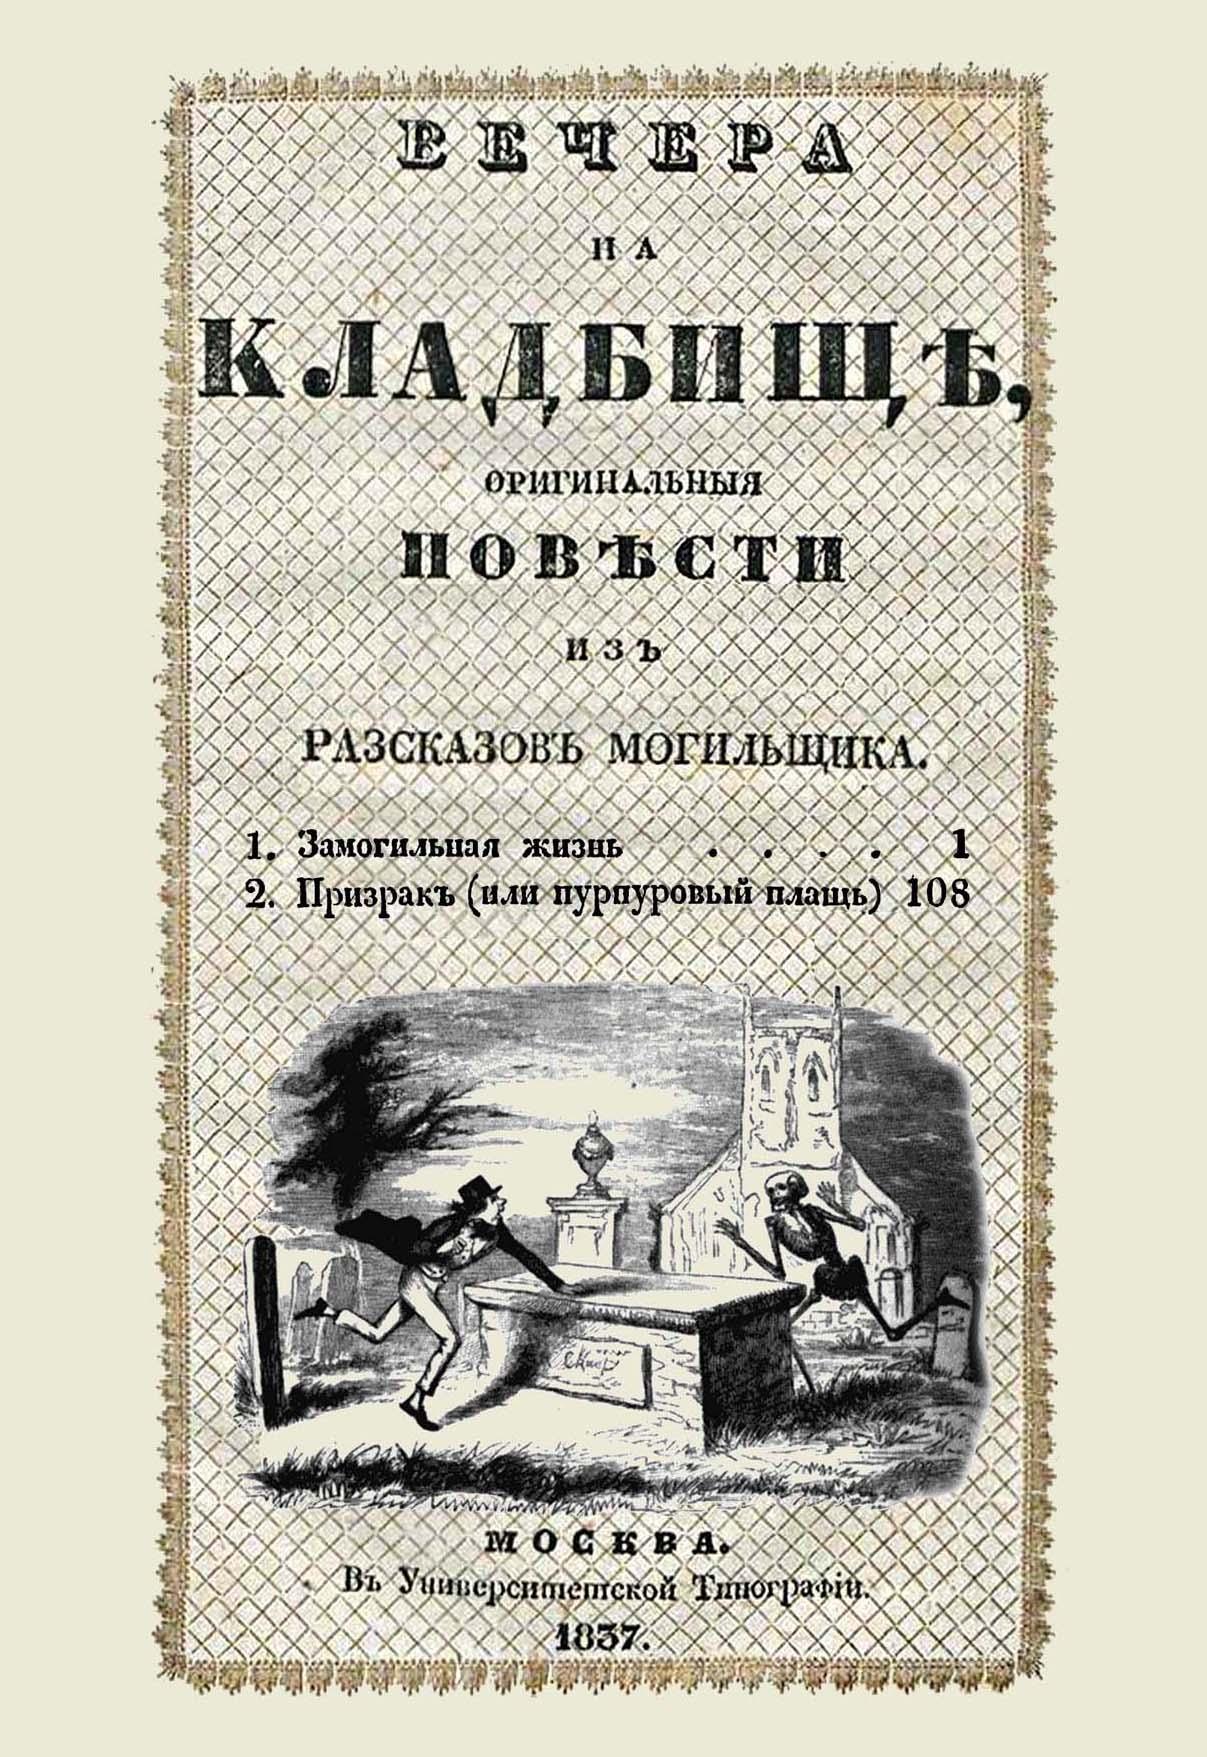 Вечера на кладбище, оригинальная повести из рассказов могильщика. С. М. Любецкий